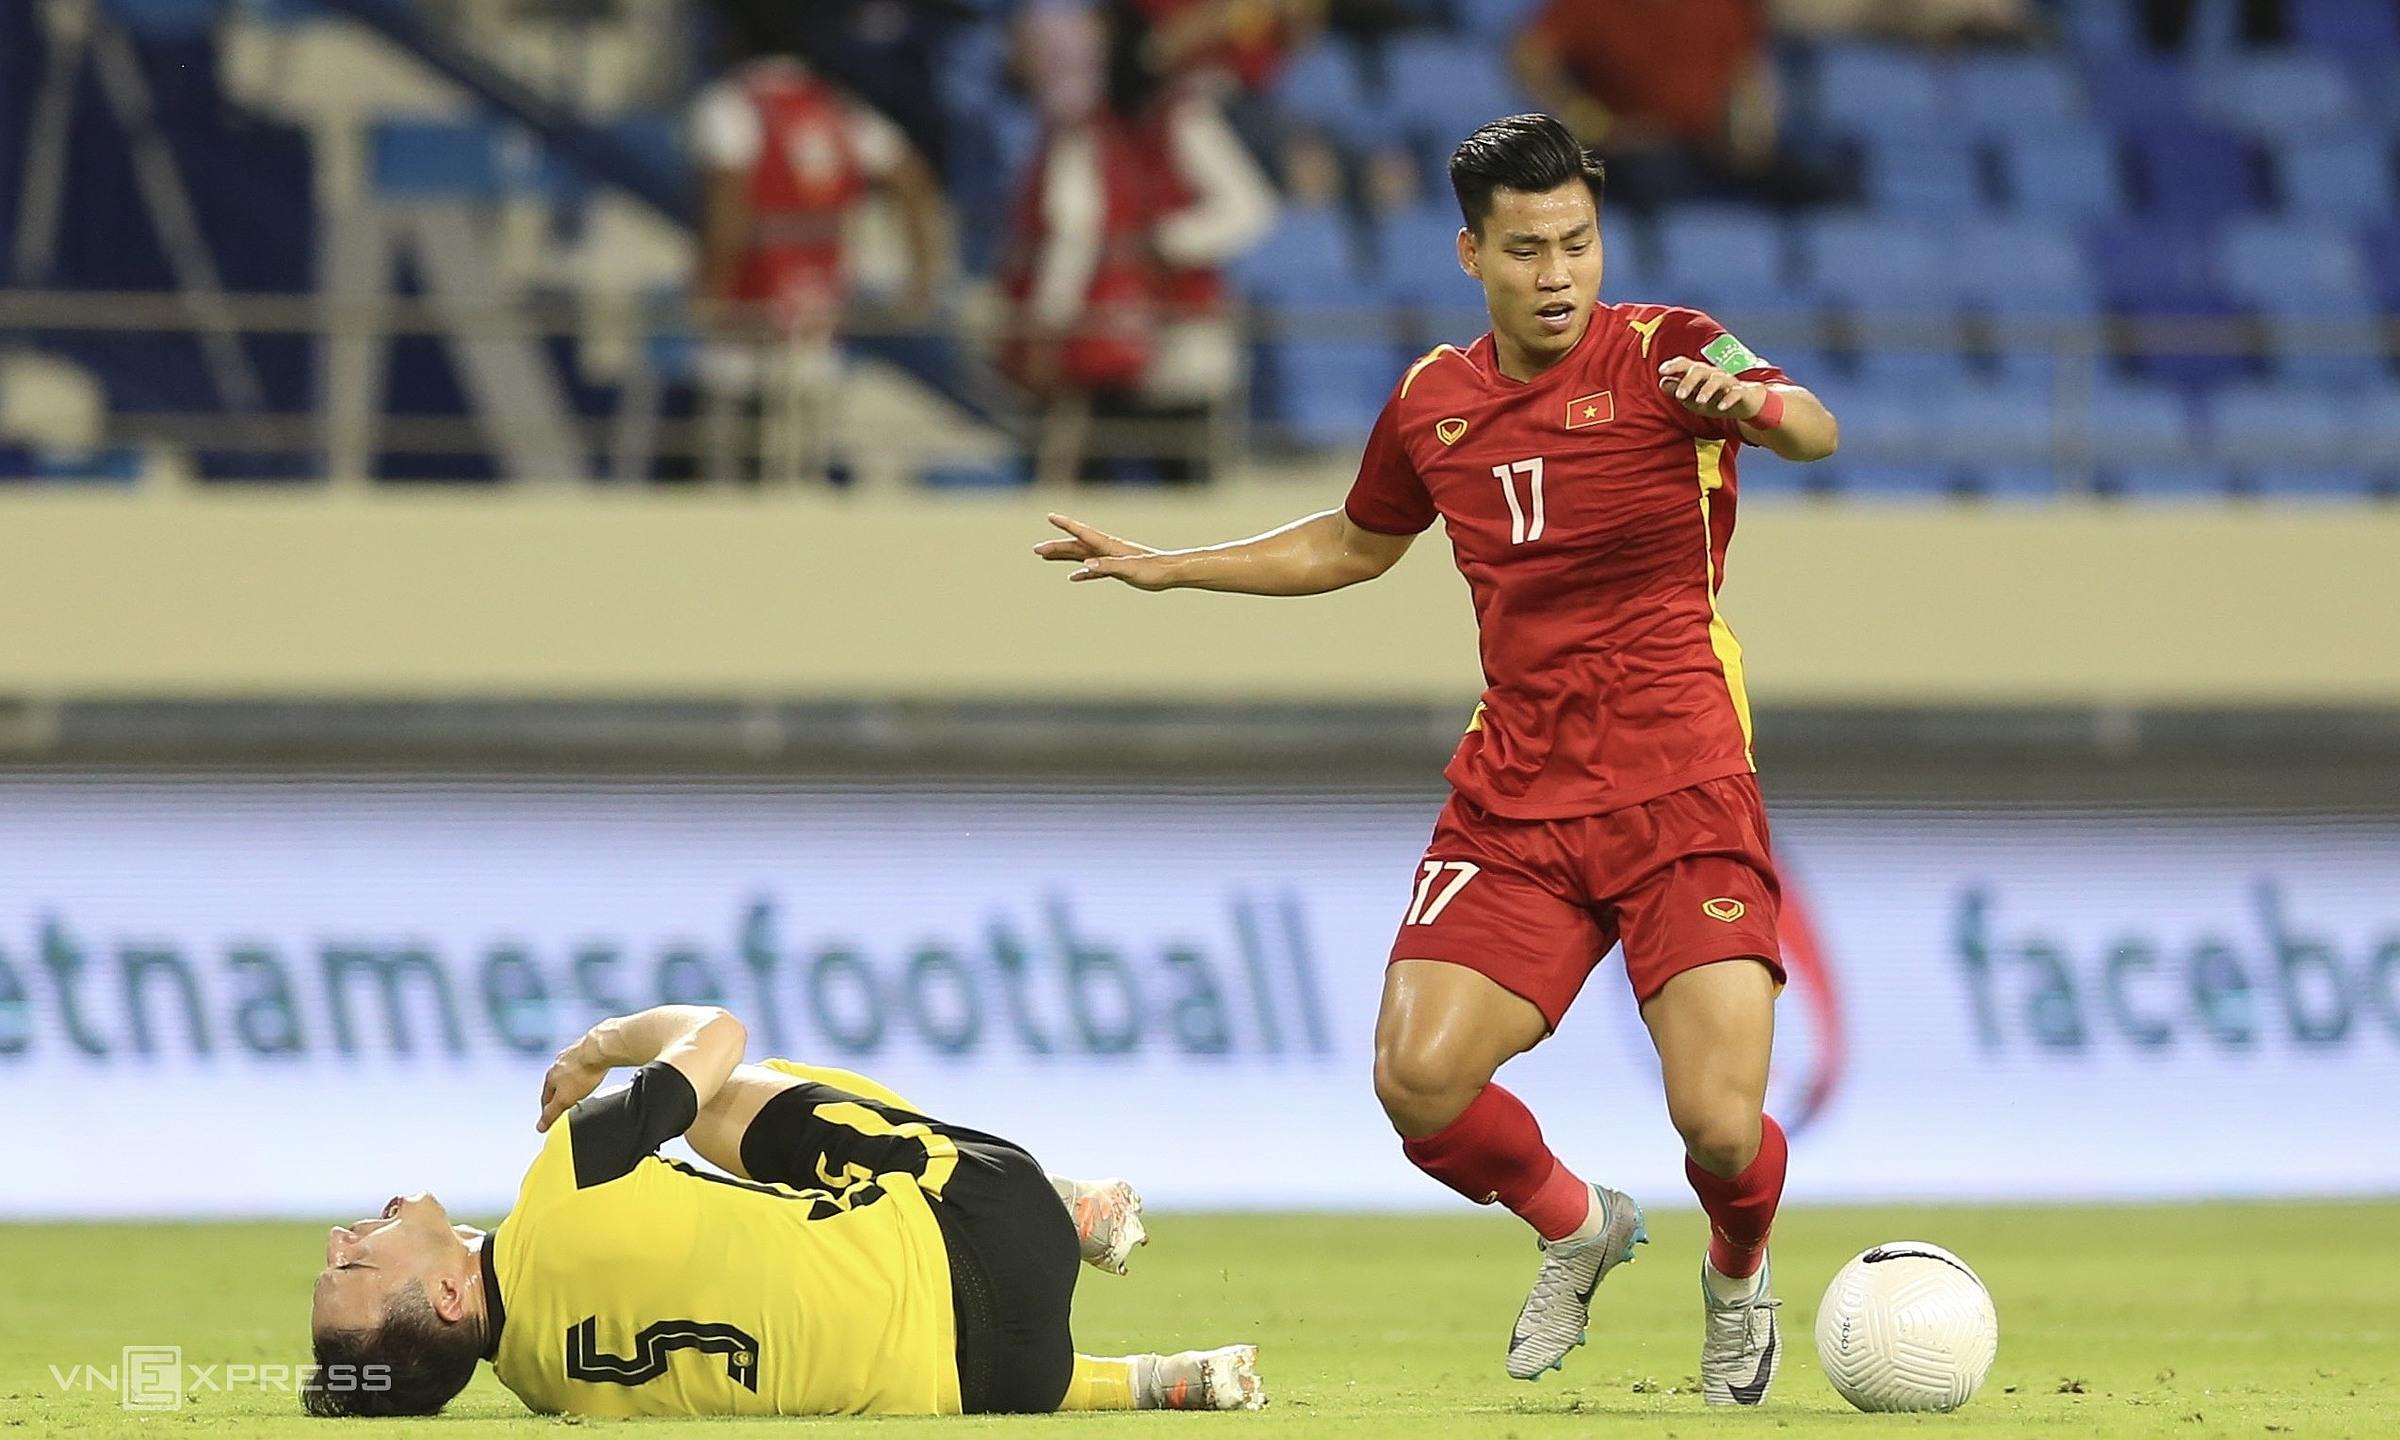 Sự toả sáng của những cầu thủ vào thay người như Văn Thanh (trong ảnh), Văn Toàn, Đức Huy cho thấy chất lượng chiều sâu cả về nhân sự lẫn các giải pháp chiến thuật của tuyển Việt Nam. Ảnh: Lâm Thoả